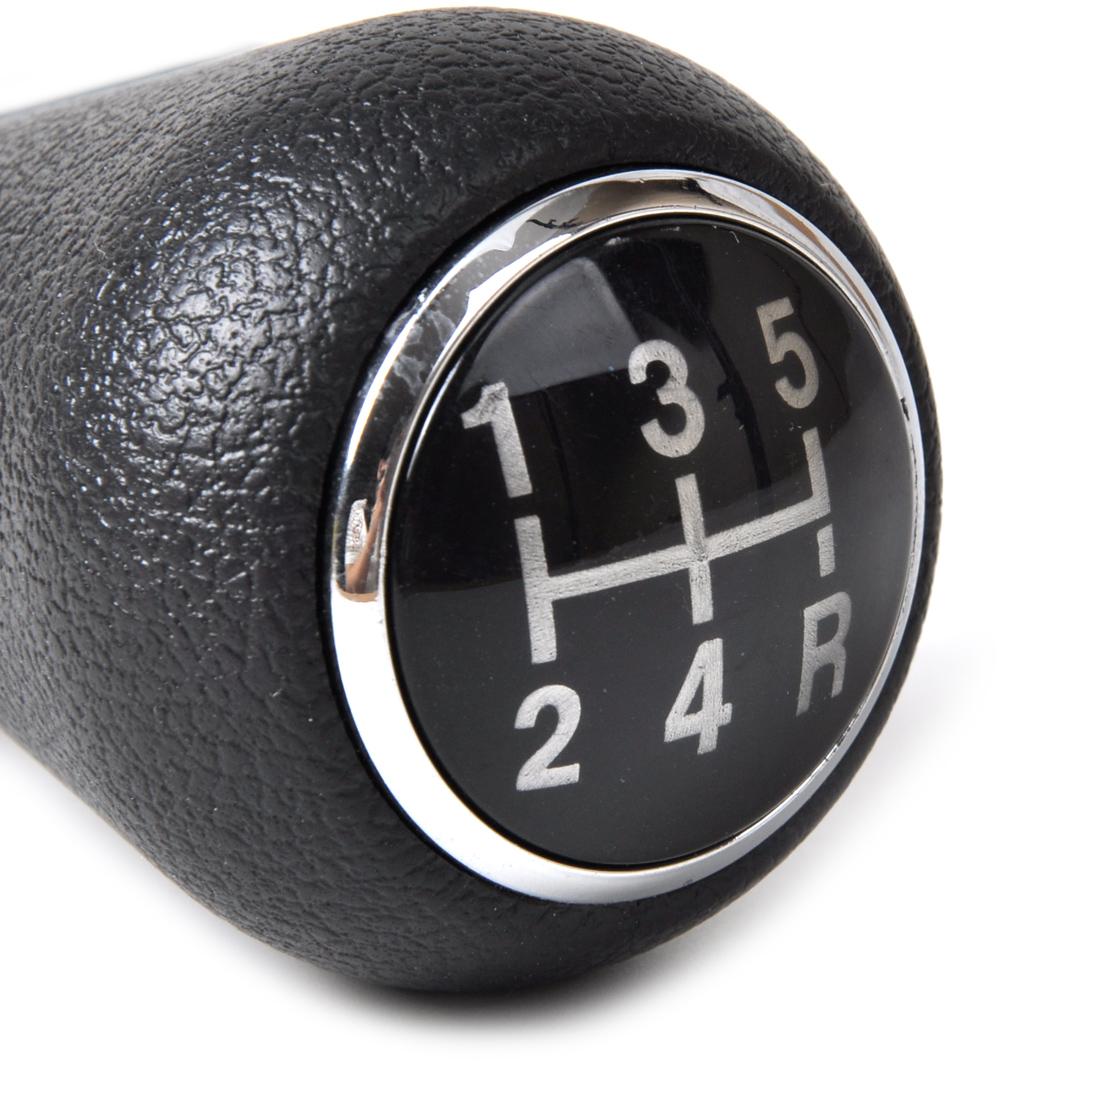 5 gang schaltknauf knauf f r peugeot 106 107 206 207 306. Black Bedroom Furniture Sets. Home Design Ideas